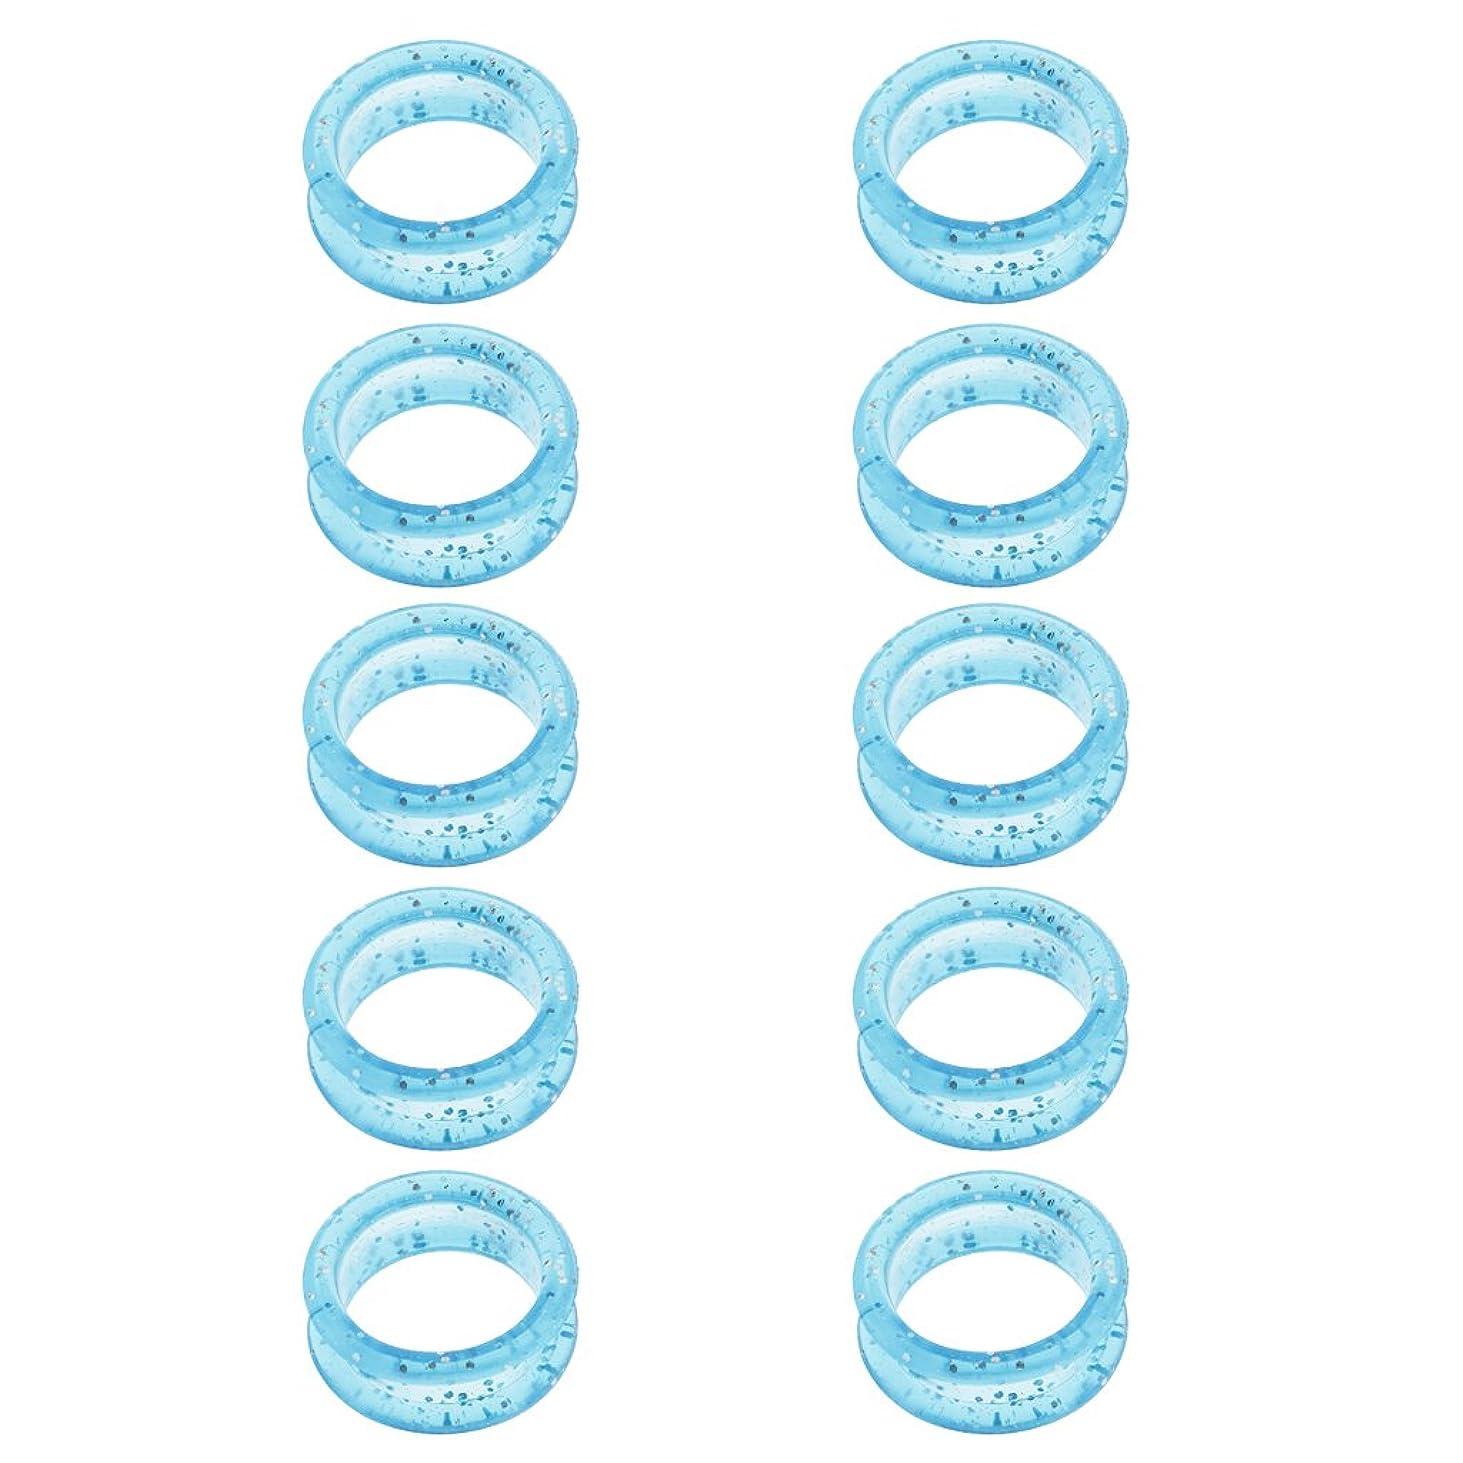 薄める電池溶岩Perfeclan はさみ 指穴調整リング シザーリング 10個入 ゴム製 5色選べる - ブルー